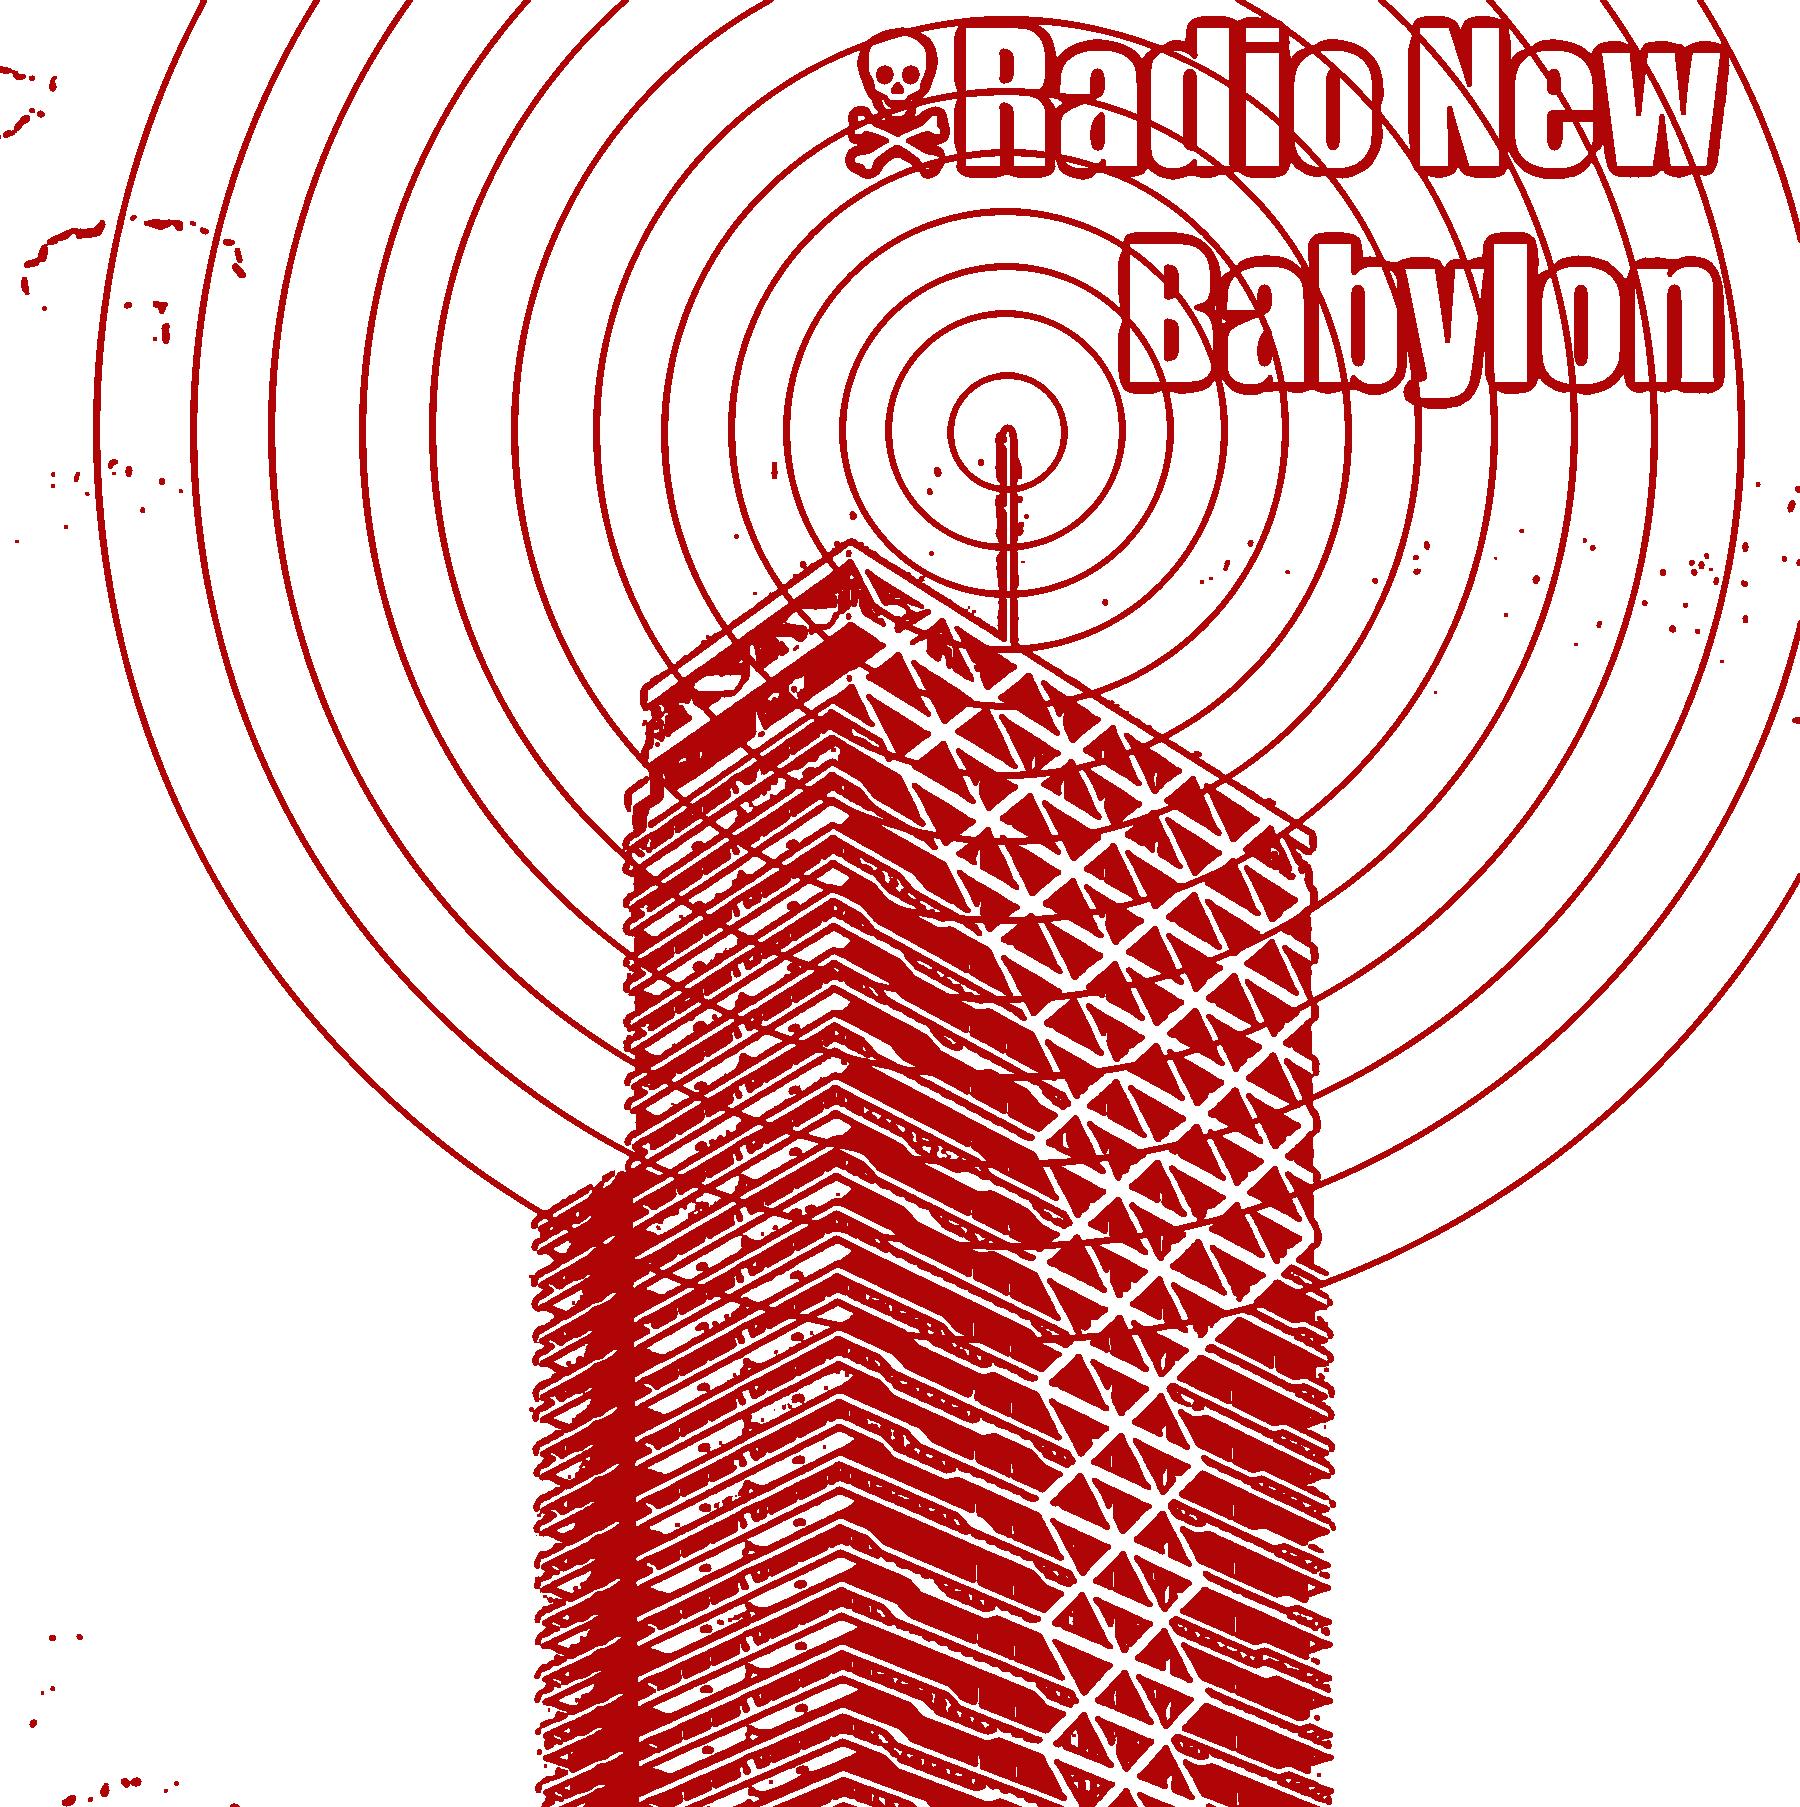 Radio New Babylon